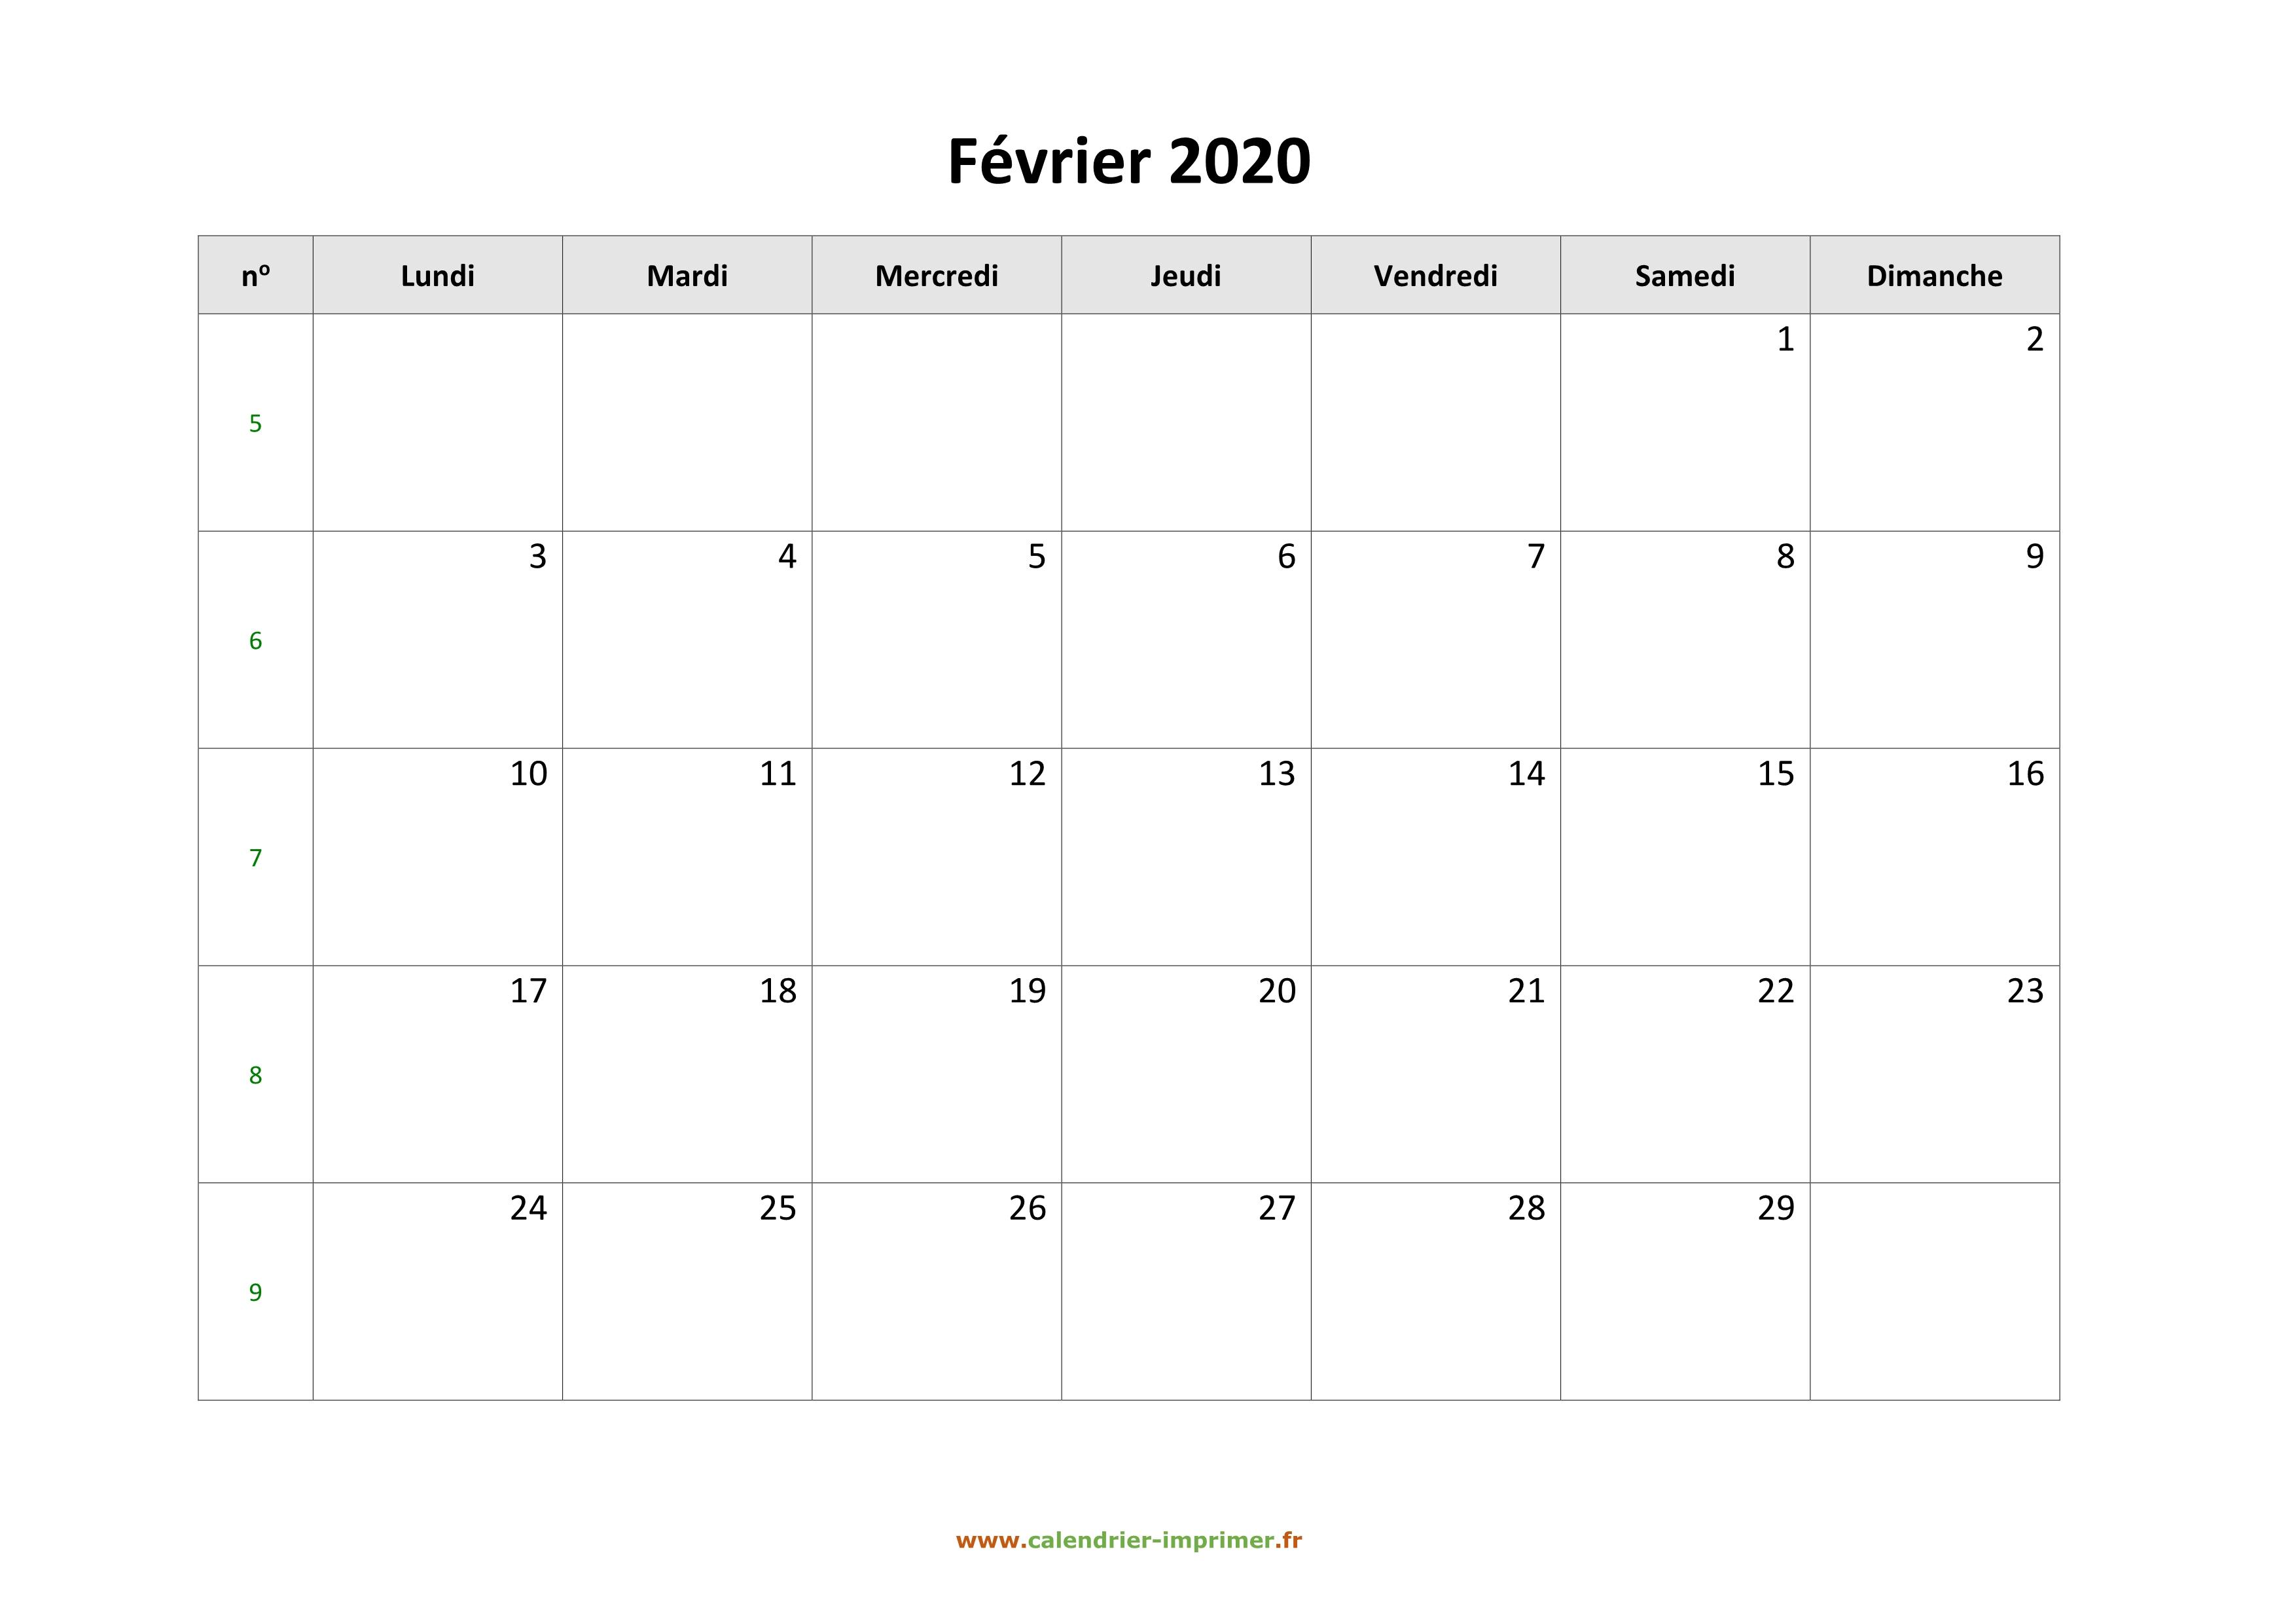 Calendrier Février 2020.Calendrier Fevrier 2020 A Imprimer